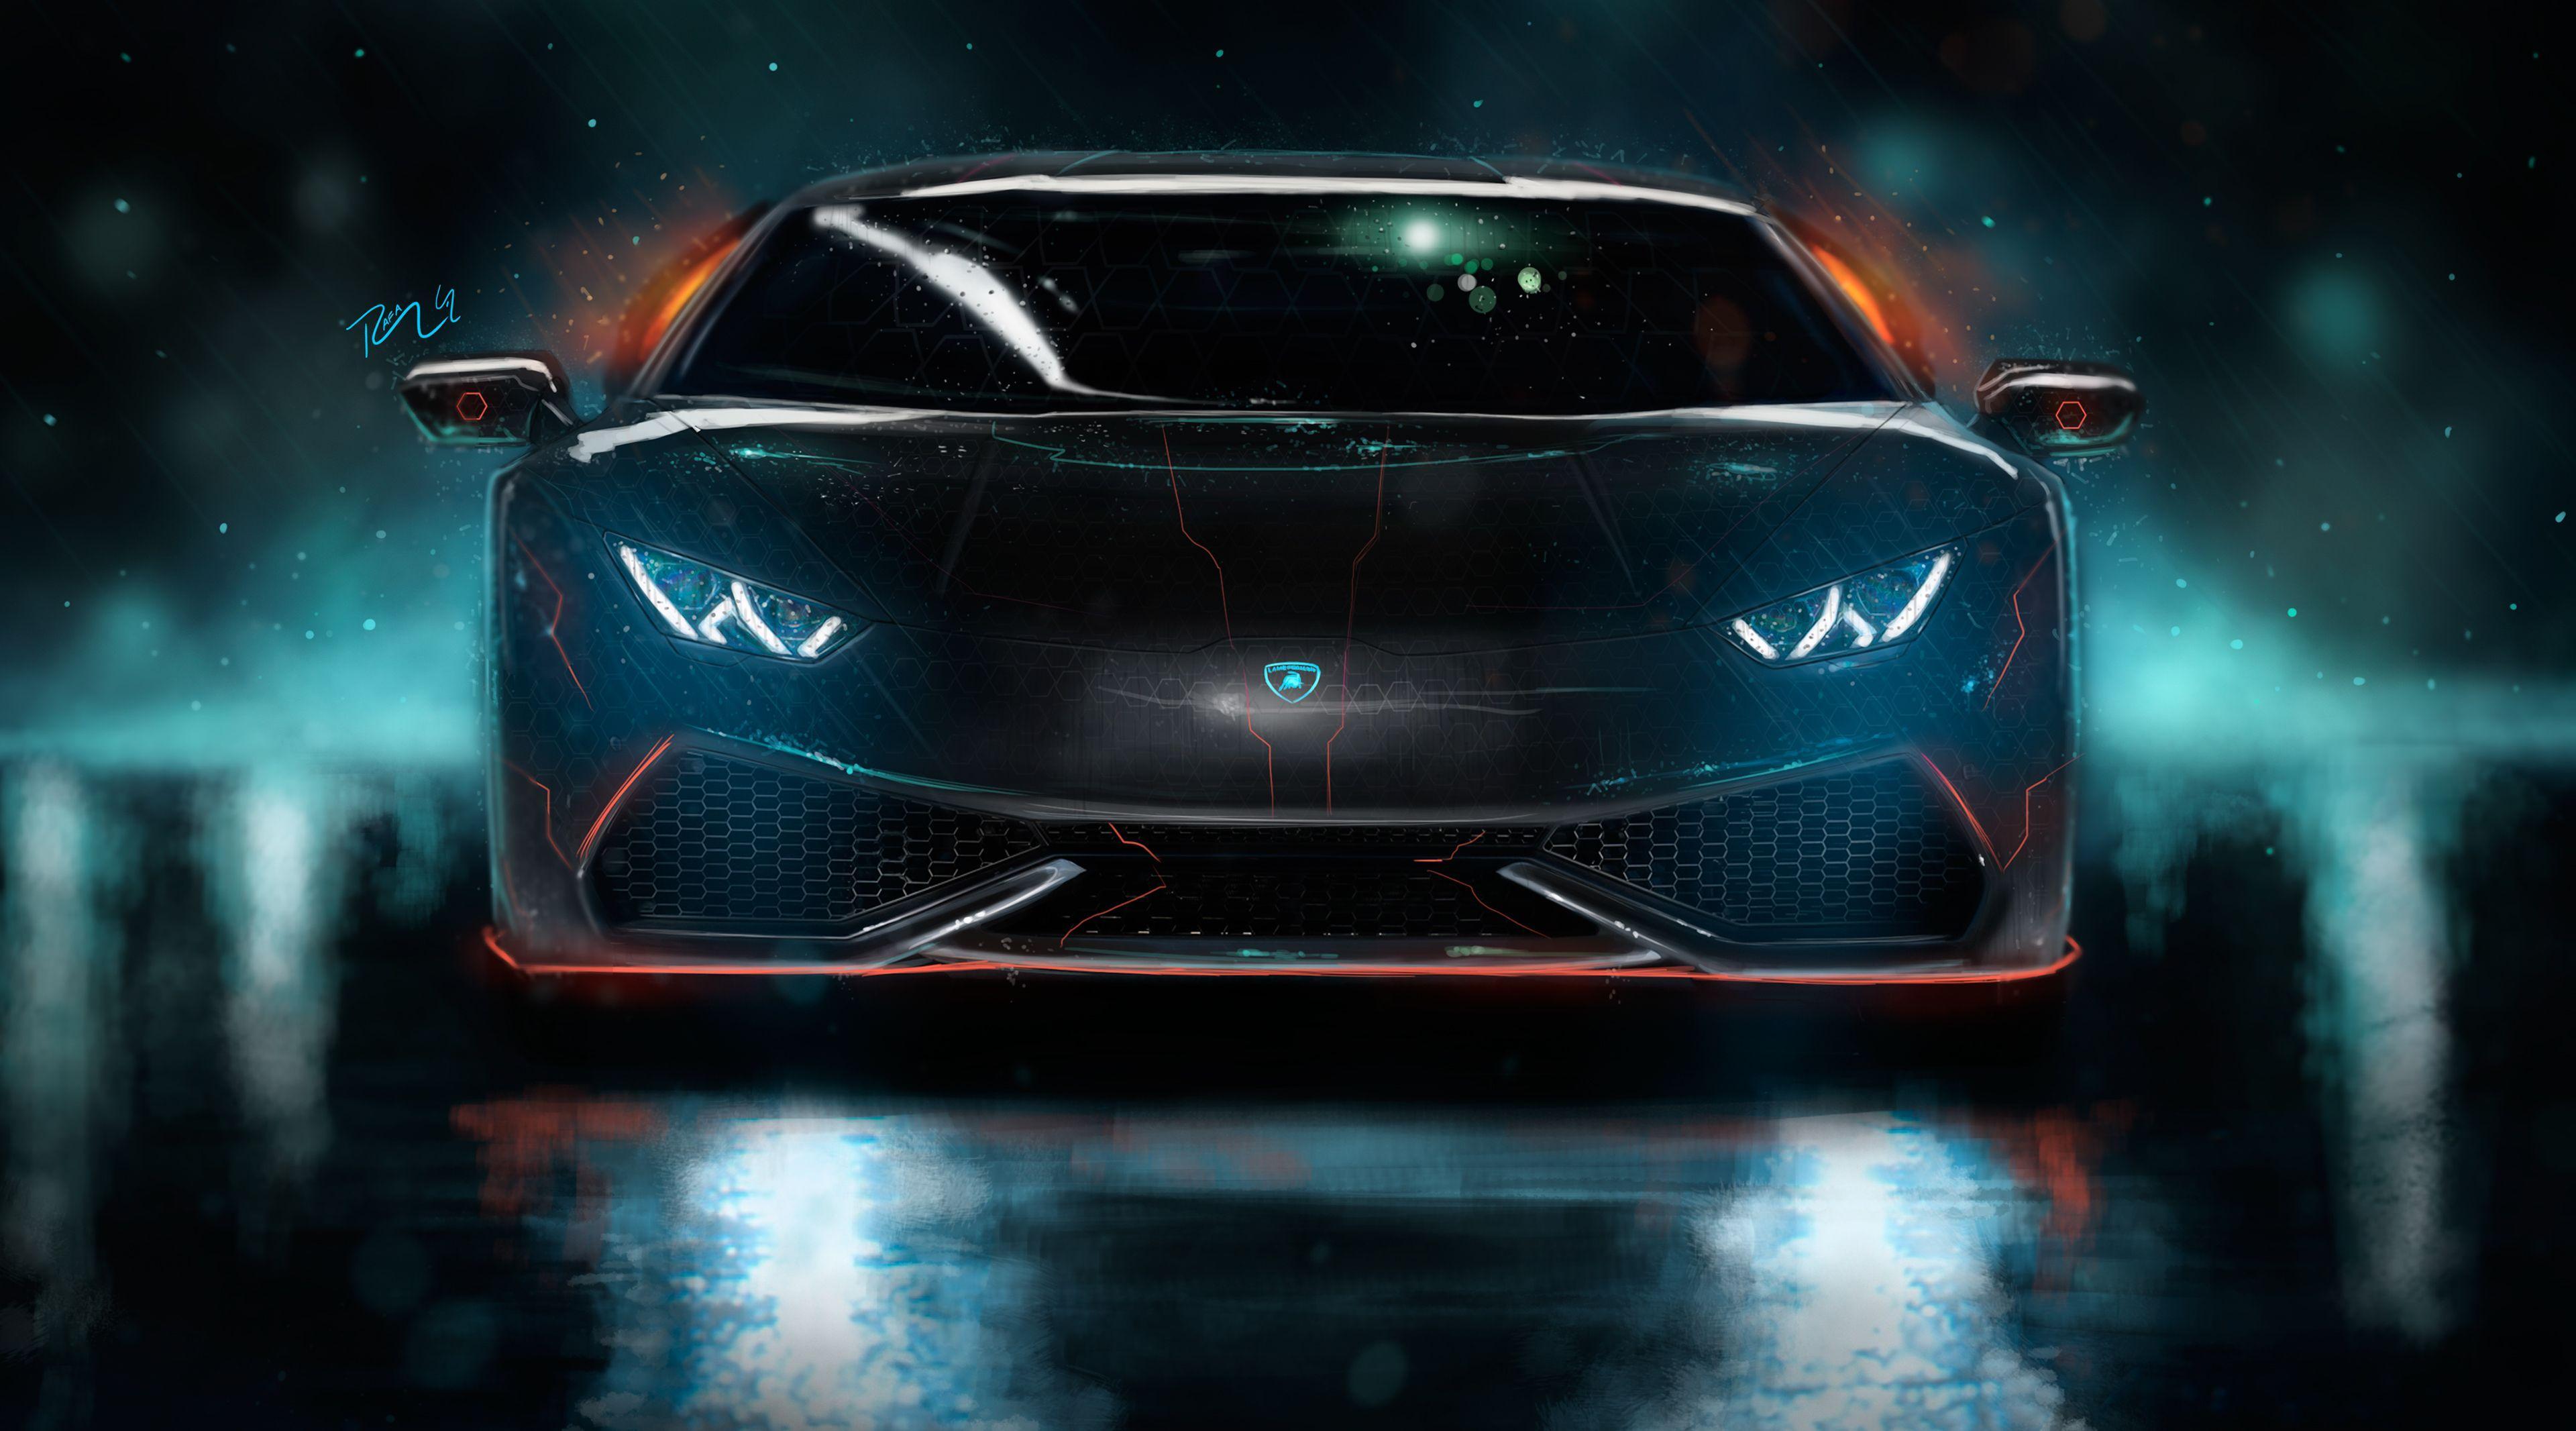 Neon Lamborghini Wallpapers Wallpaper Cave